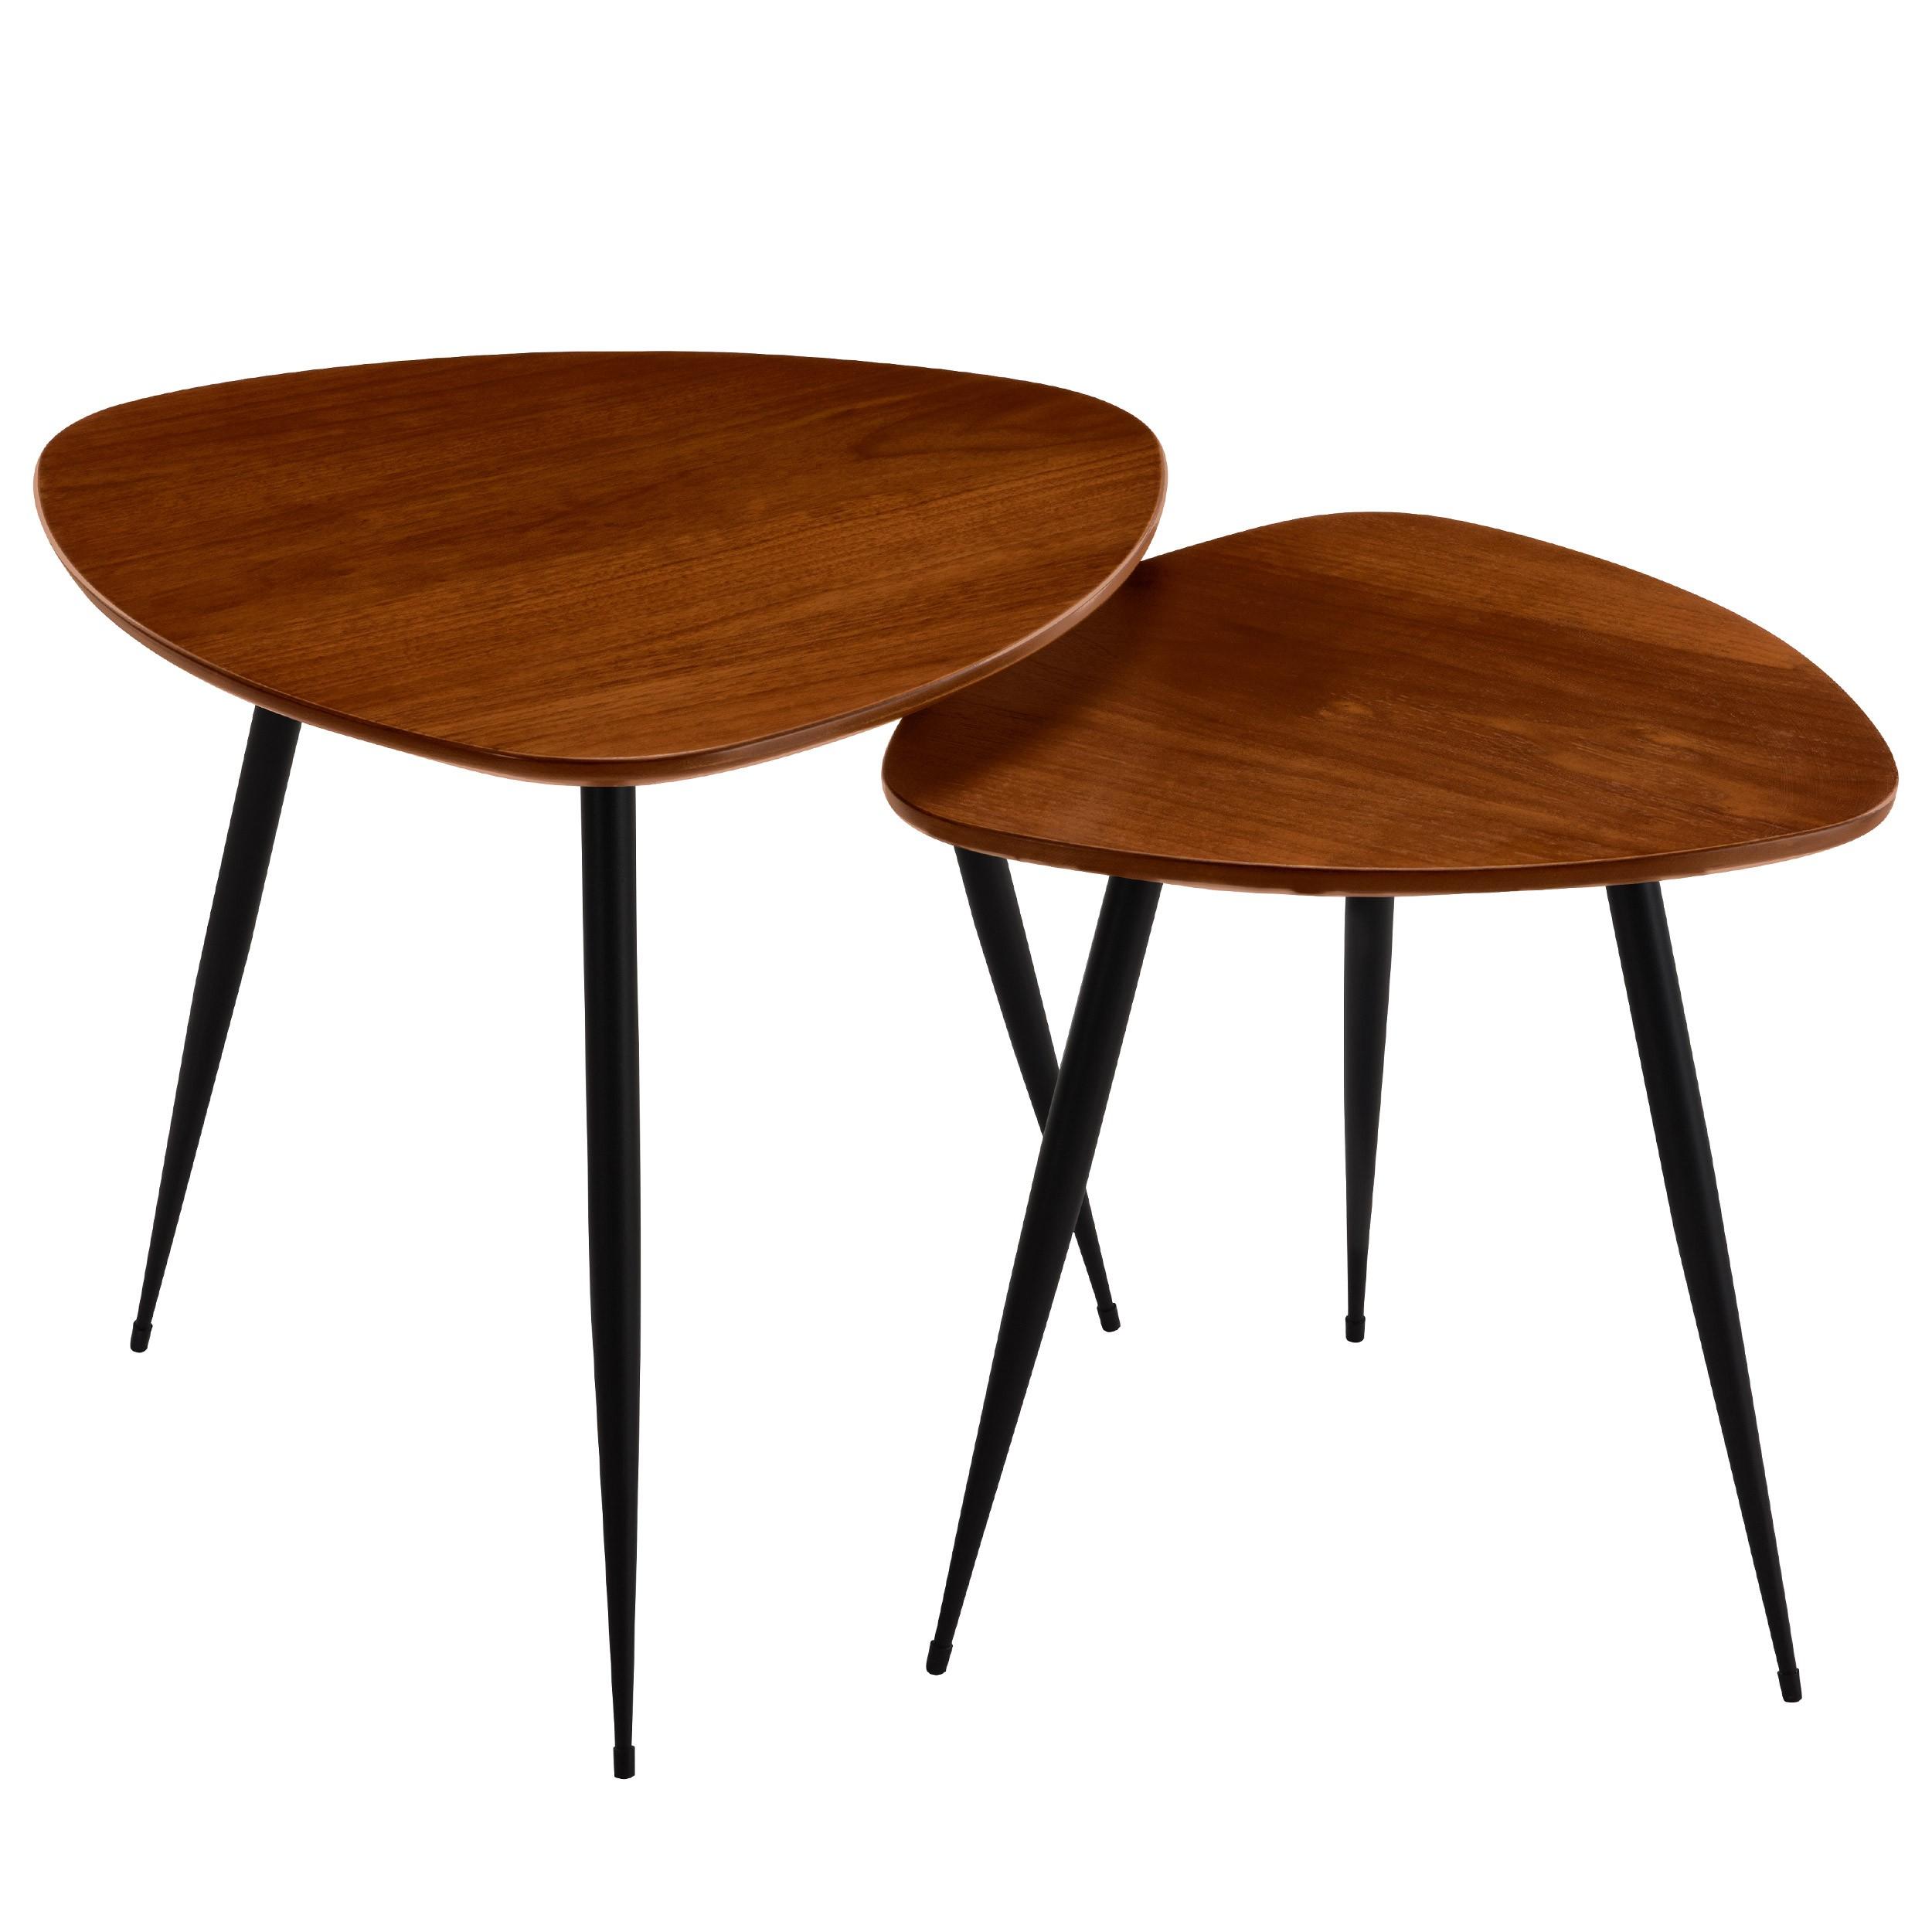 Tables Basses Scandinaves En Bois Quercus Lot De 2 D Couvrez Les